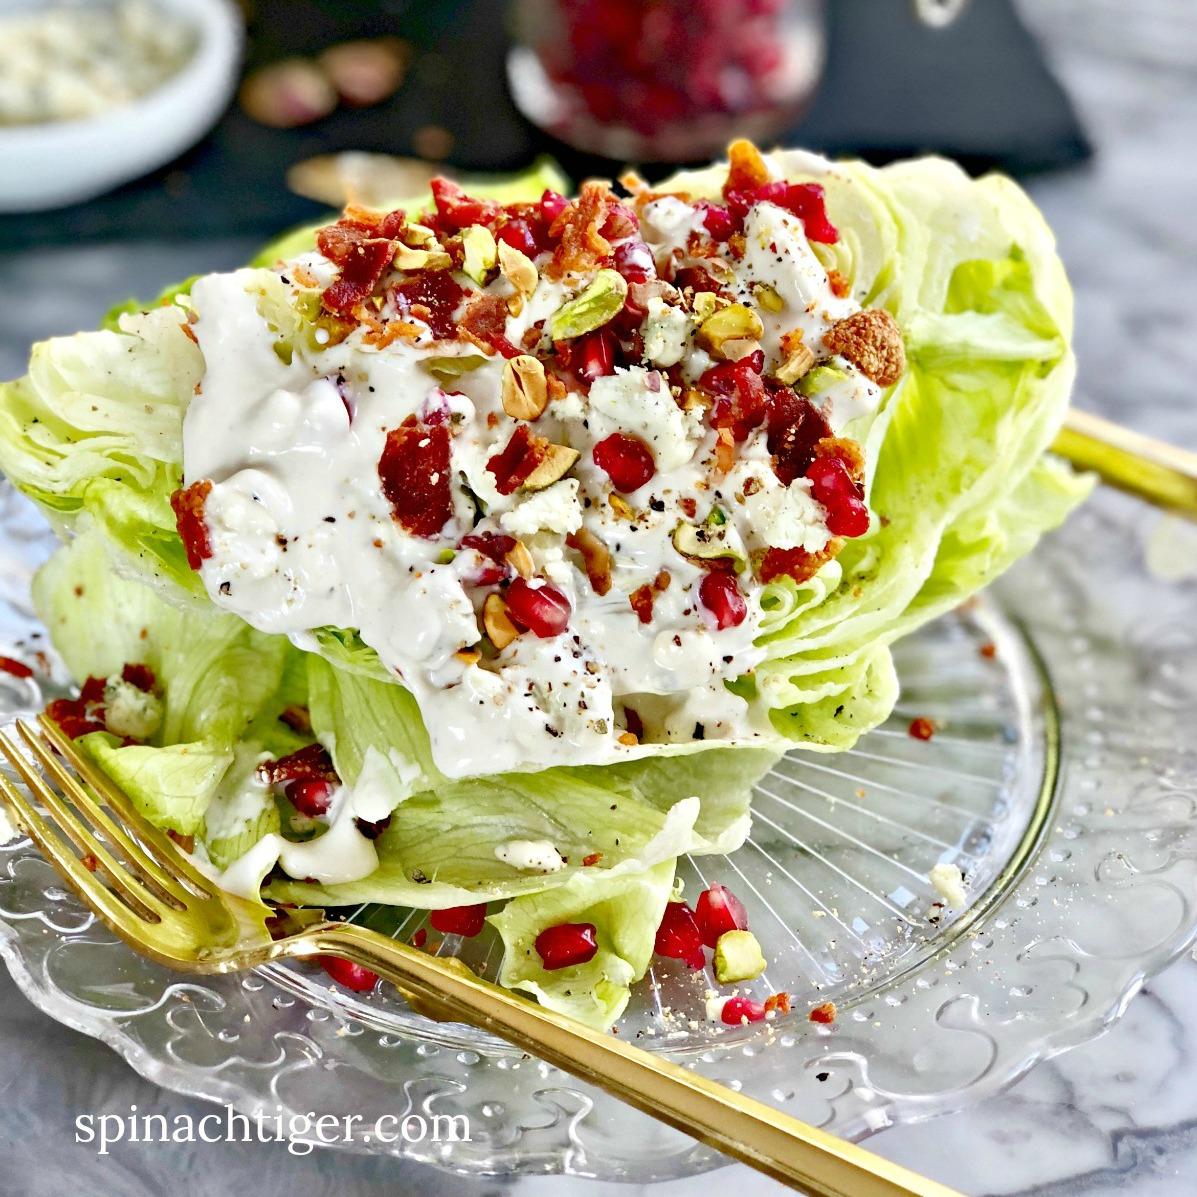 Wedge Salad with Tenderloin Roast